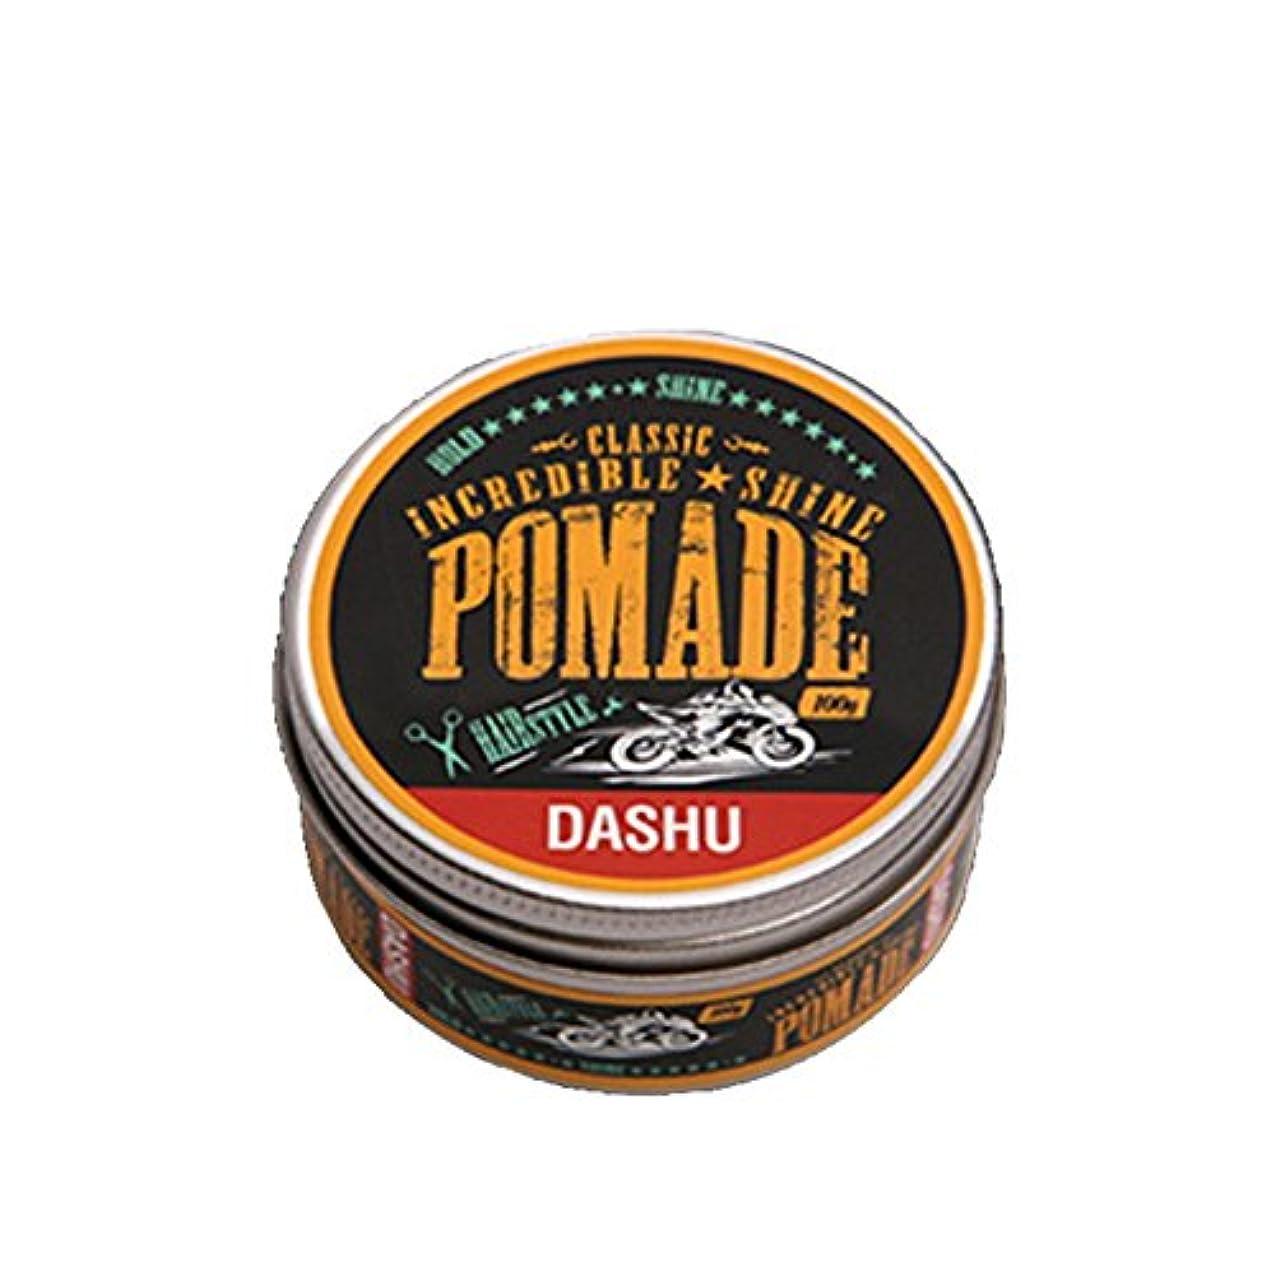 アリアクション送る[DASHU] ダシュ クラシック 信じられないほどの輝き ポマードワックス Classic Incredible Shine Pomade Hair Wax 100ml / 韓国製 . 韓国直送品